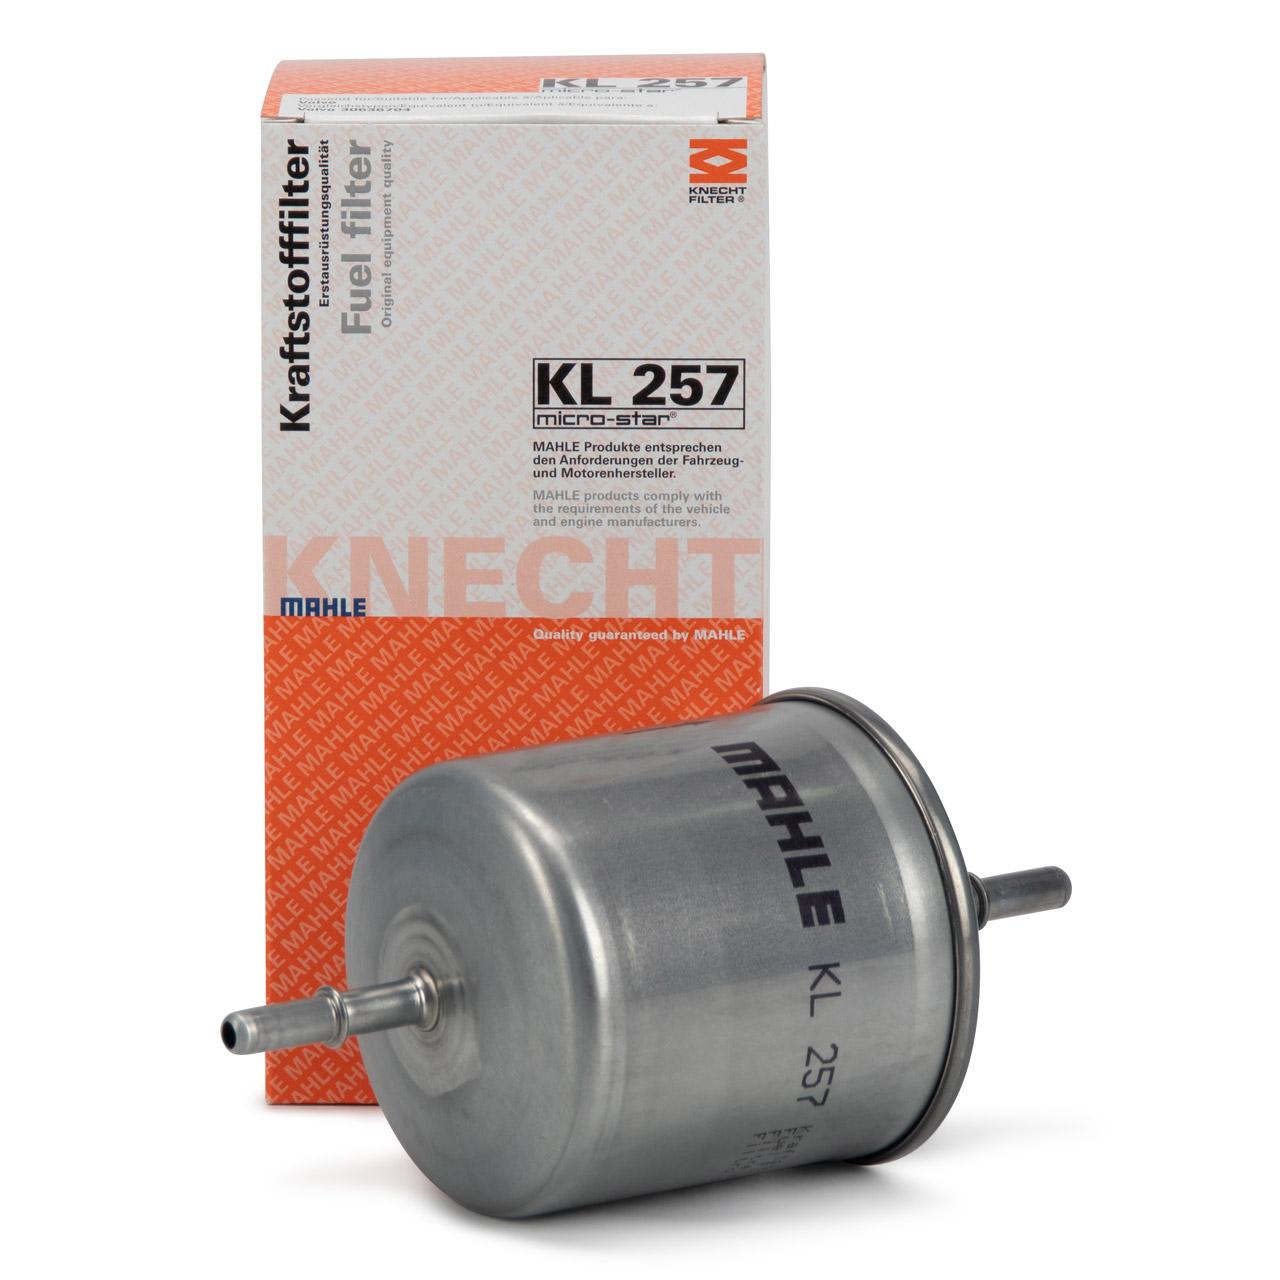 MAHLE / KNECHT KL257 Kraftstofffilter für VOLVO S60 1 2 S80 1 2 XC60 XC70 2 XC90 30636704